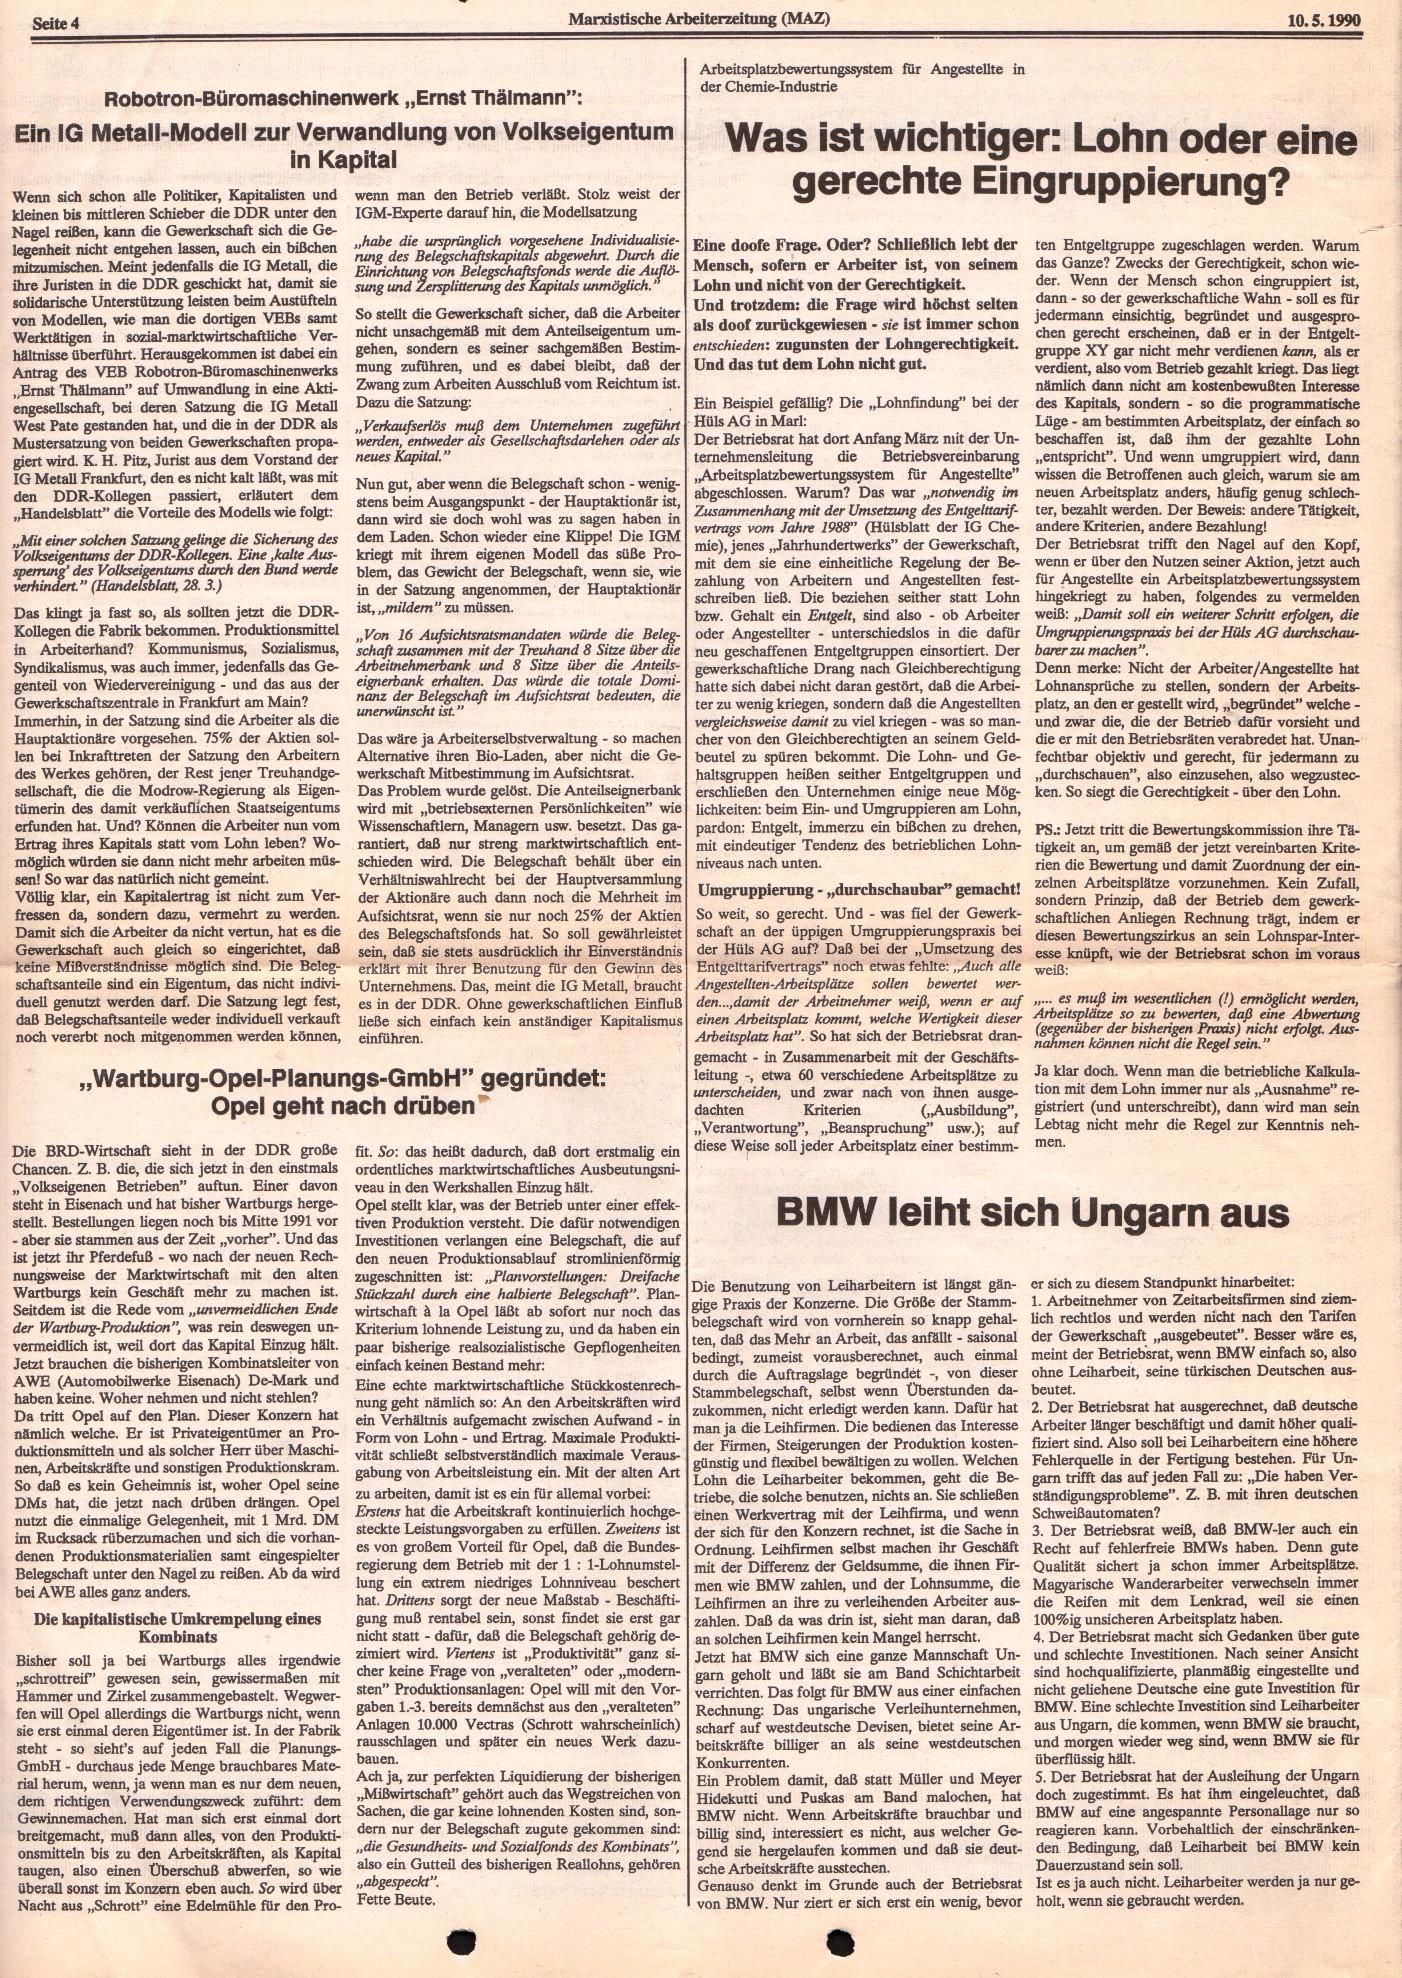 Hamburg_MG_MAZ_19900510_04